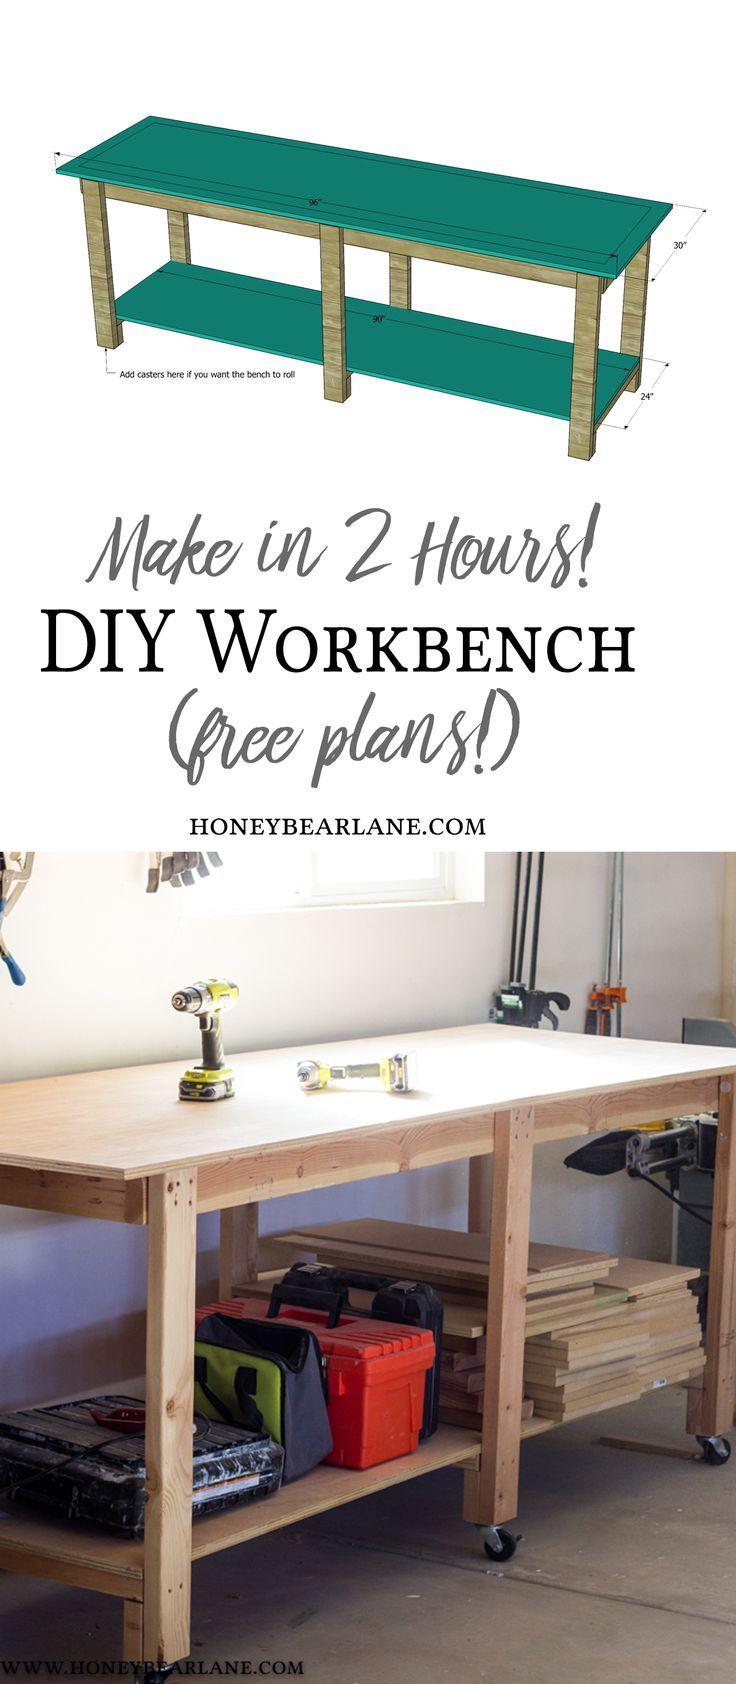 DIY Woodworking Ideas DIY Workbench. #DIYWorkbench #diyprojects #diyideas #diyinspiration #diycrafts #...